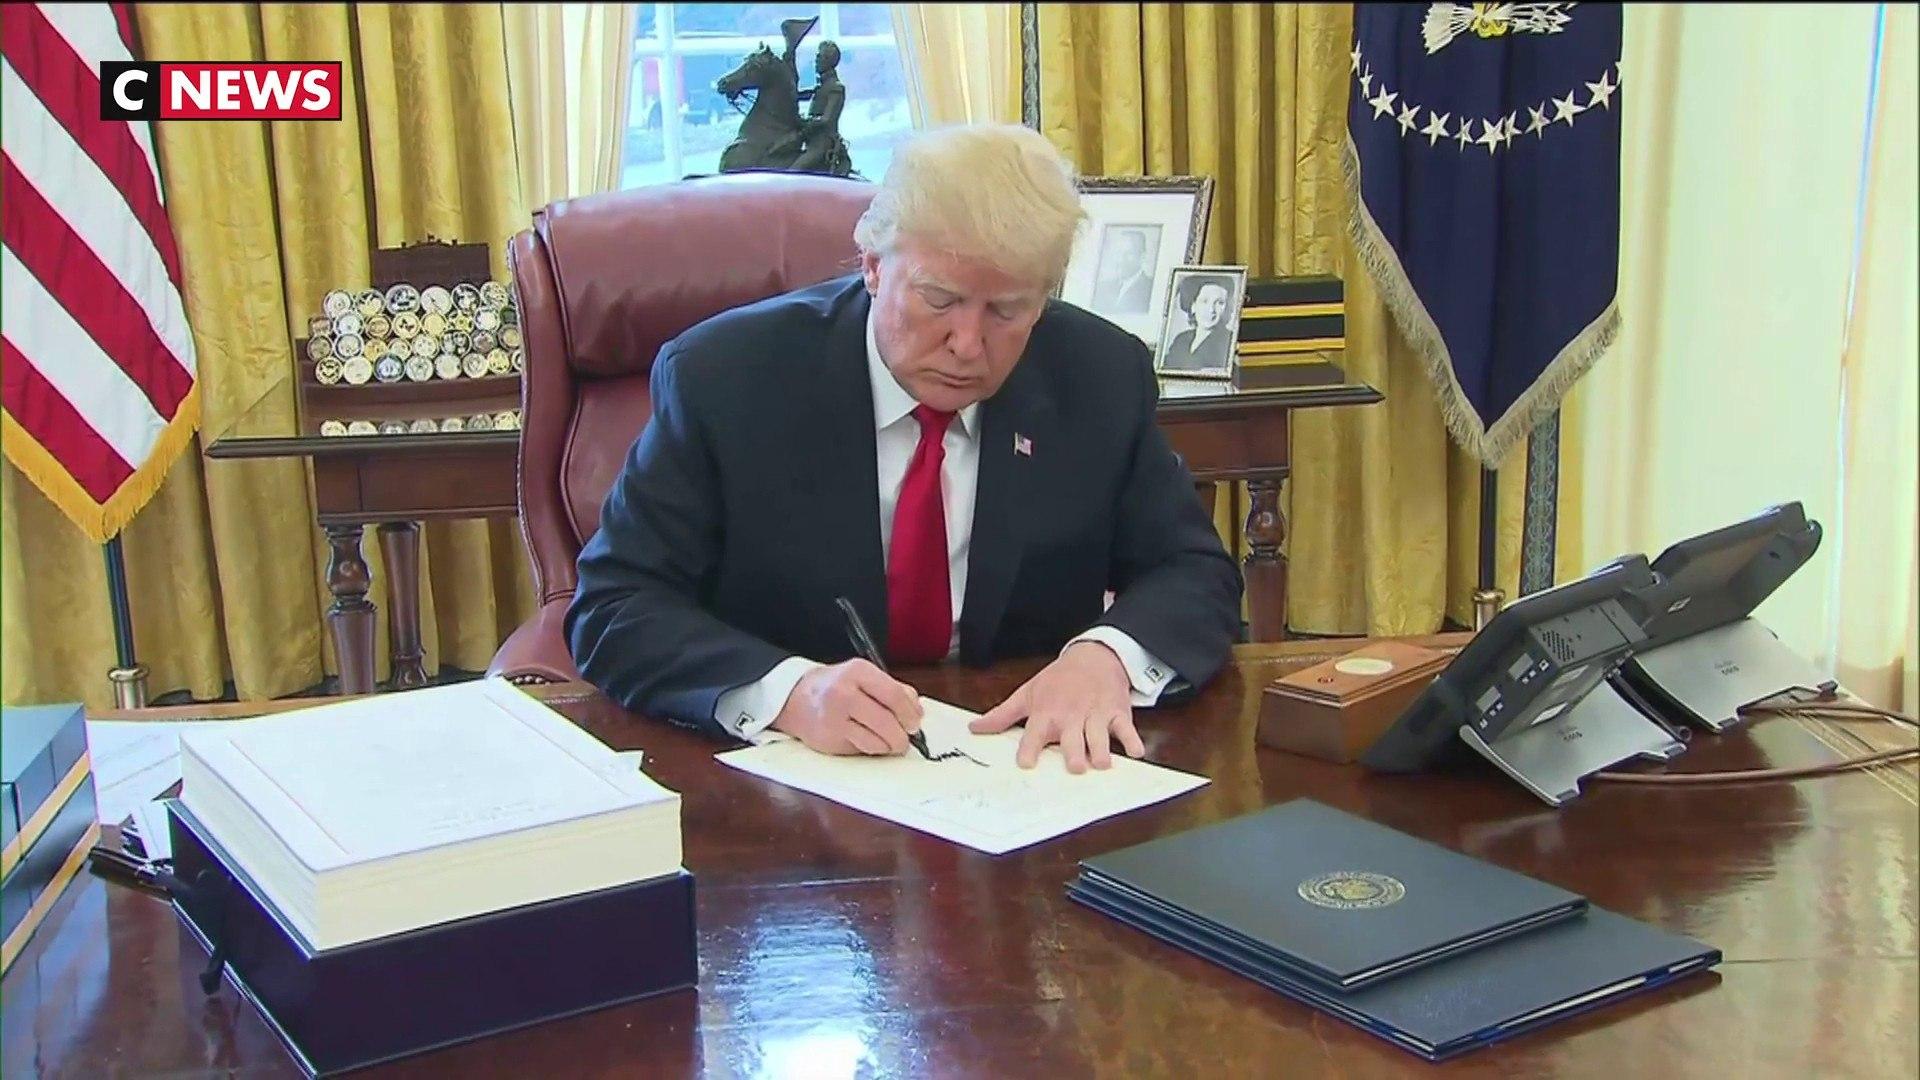 Afghanistan : Donald Trump met finaux négociations avec les talibans